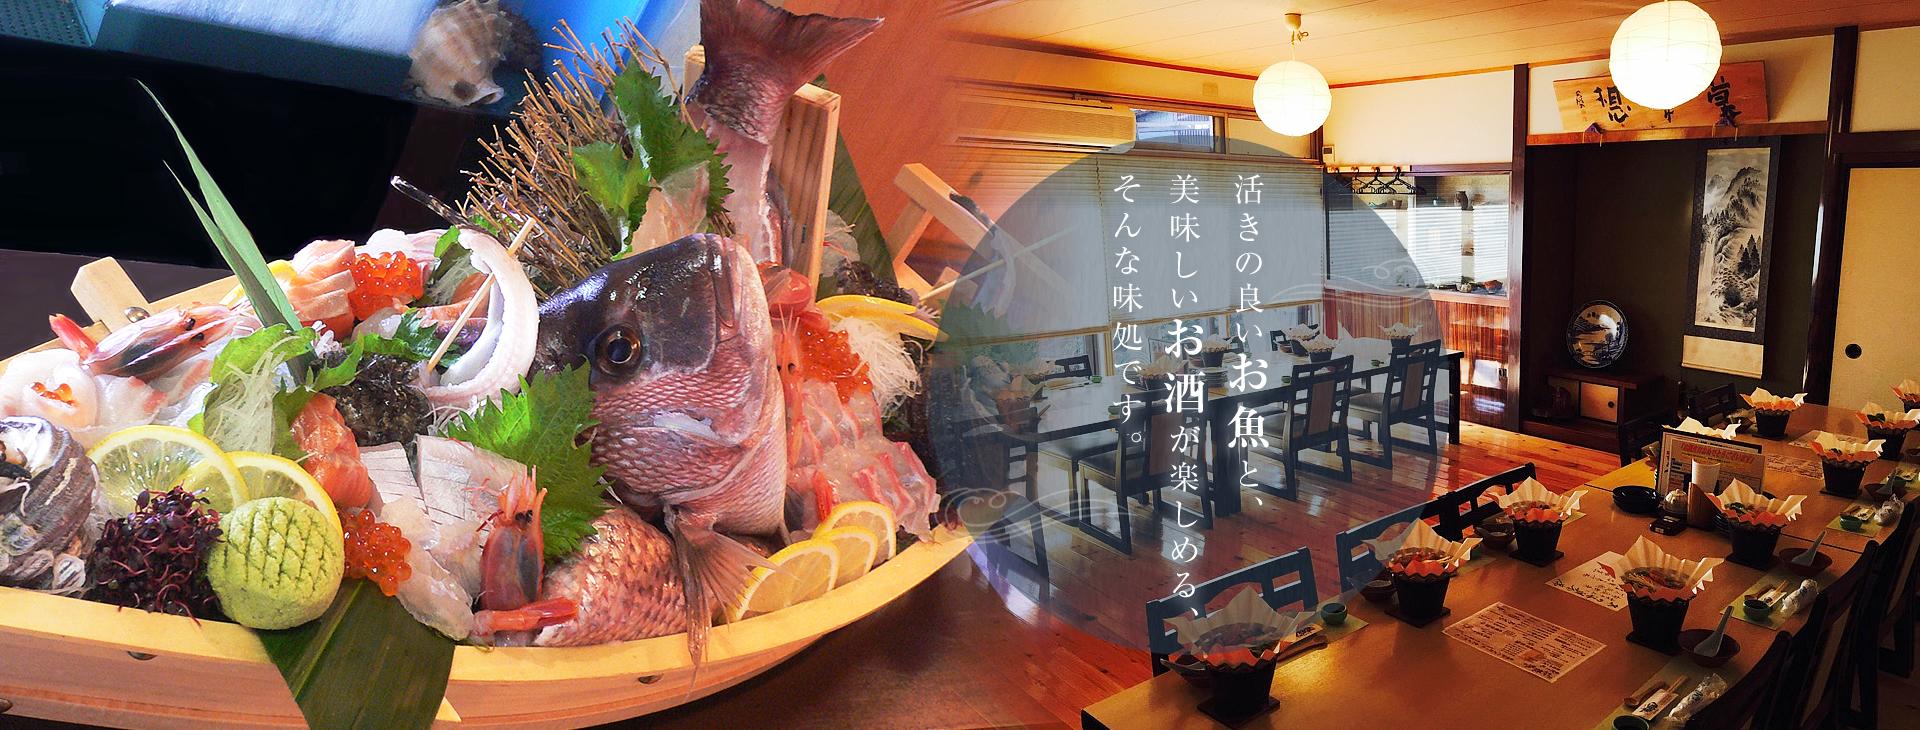 活きの良いお魚と、美味しいお酒が楽しめる、そんな味処です。